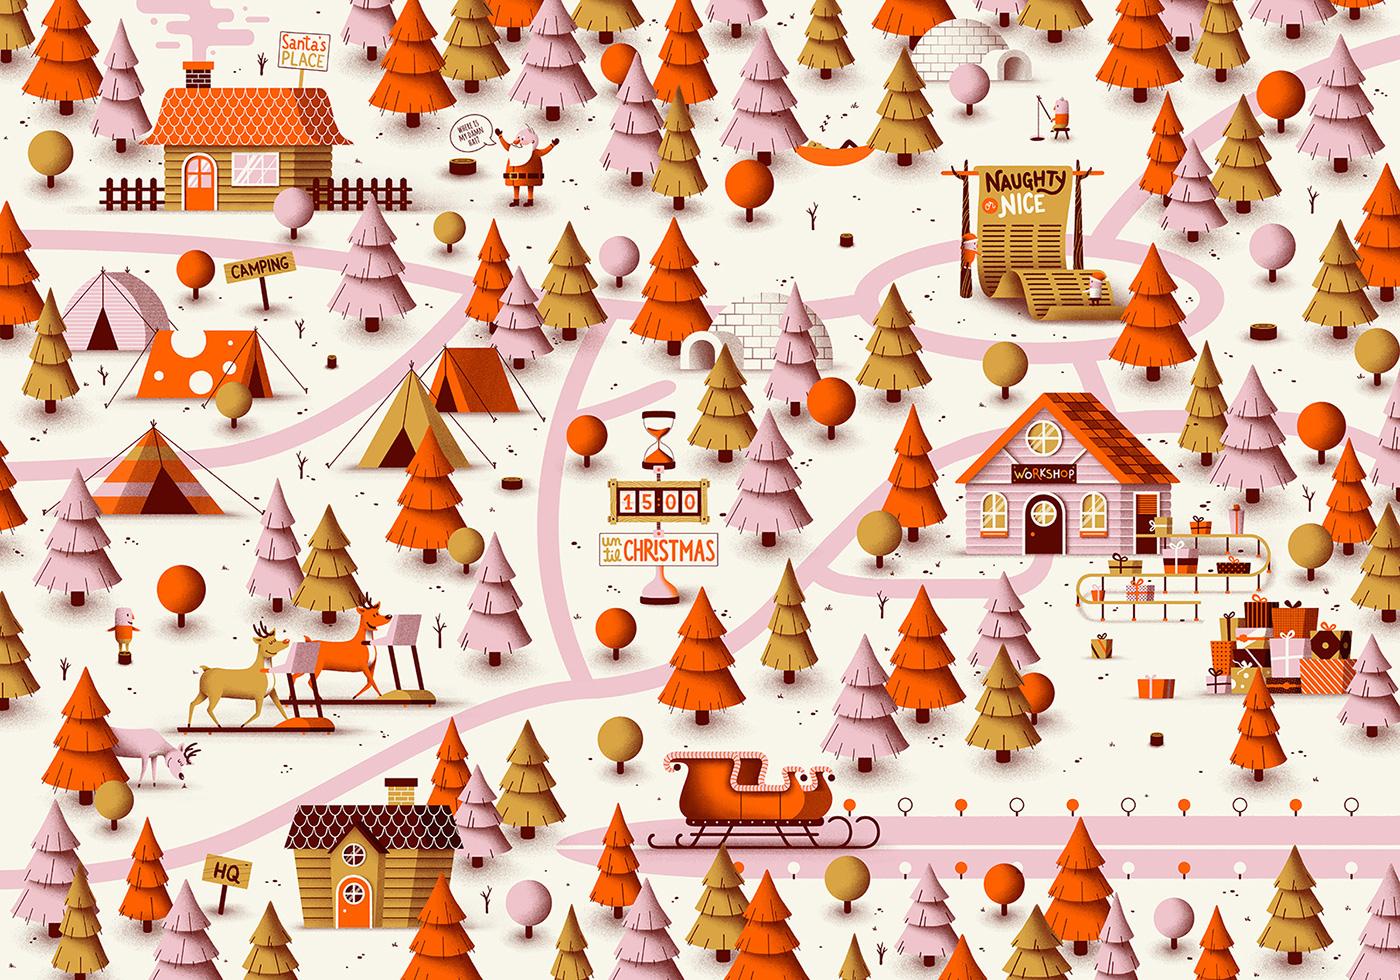 高質感的19個聖誕節插圖欣賞